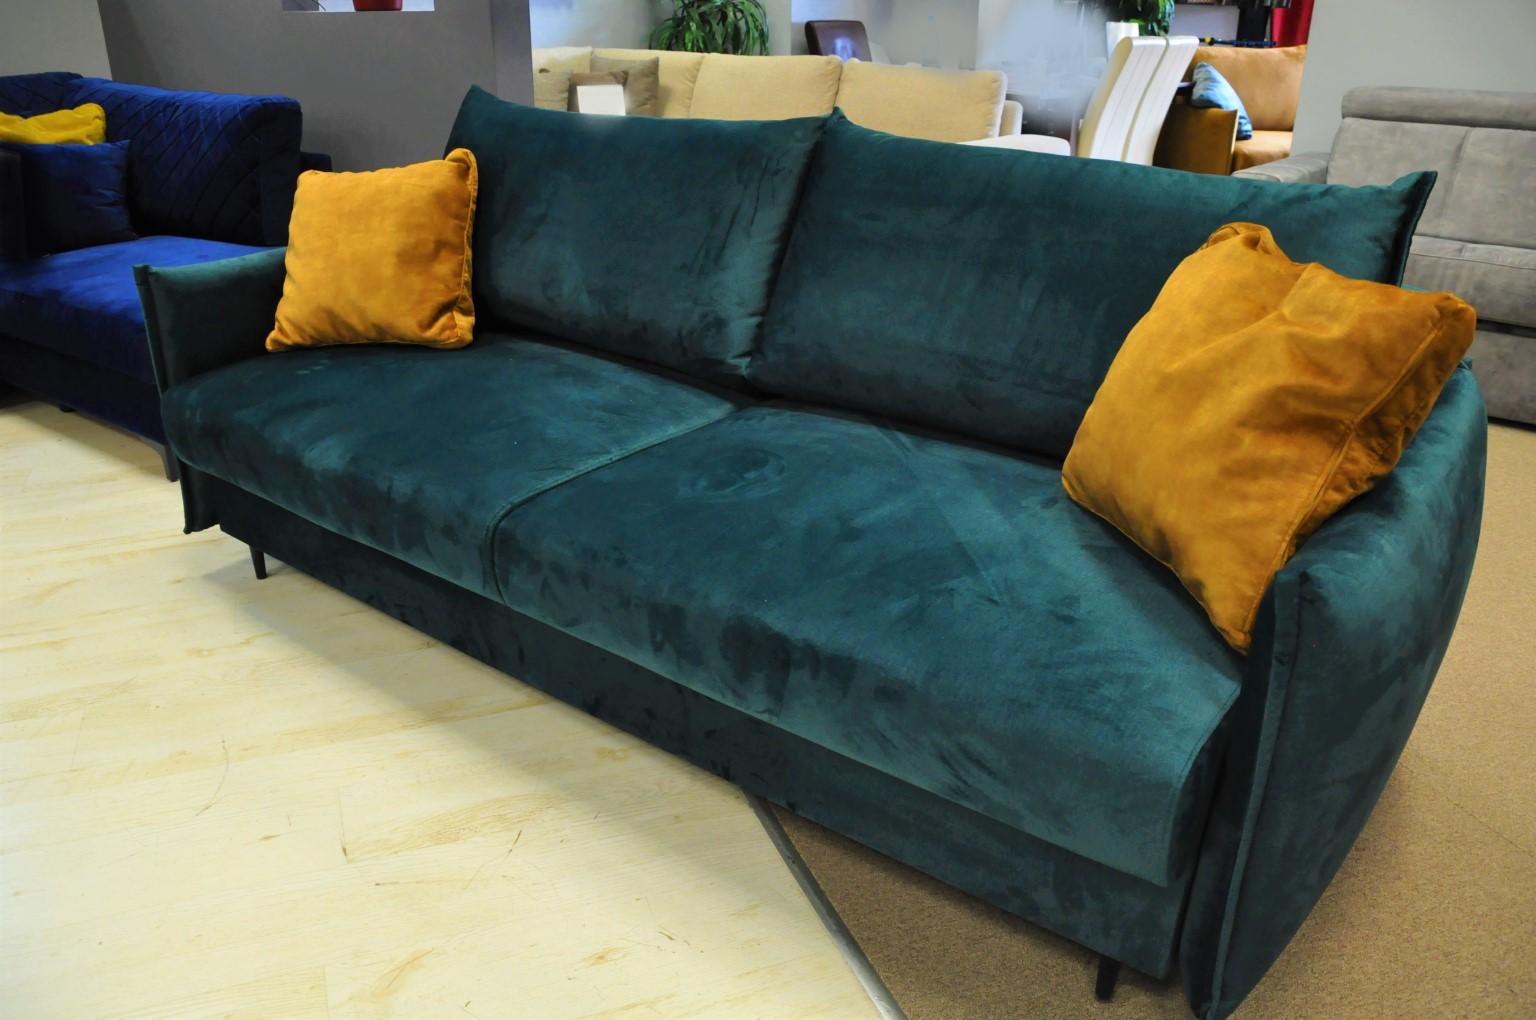 EGO sofa rozkładana Warszawa sofa z funkcją spania i pojemnikiem tkanina hydrofobowa MONOLITH 37 zieleń butelkowa